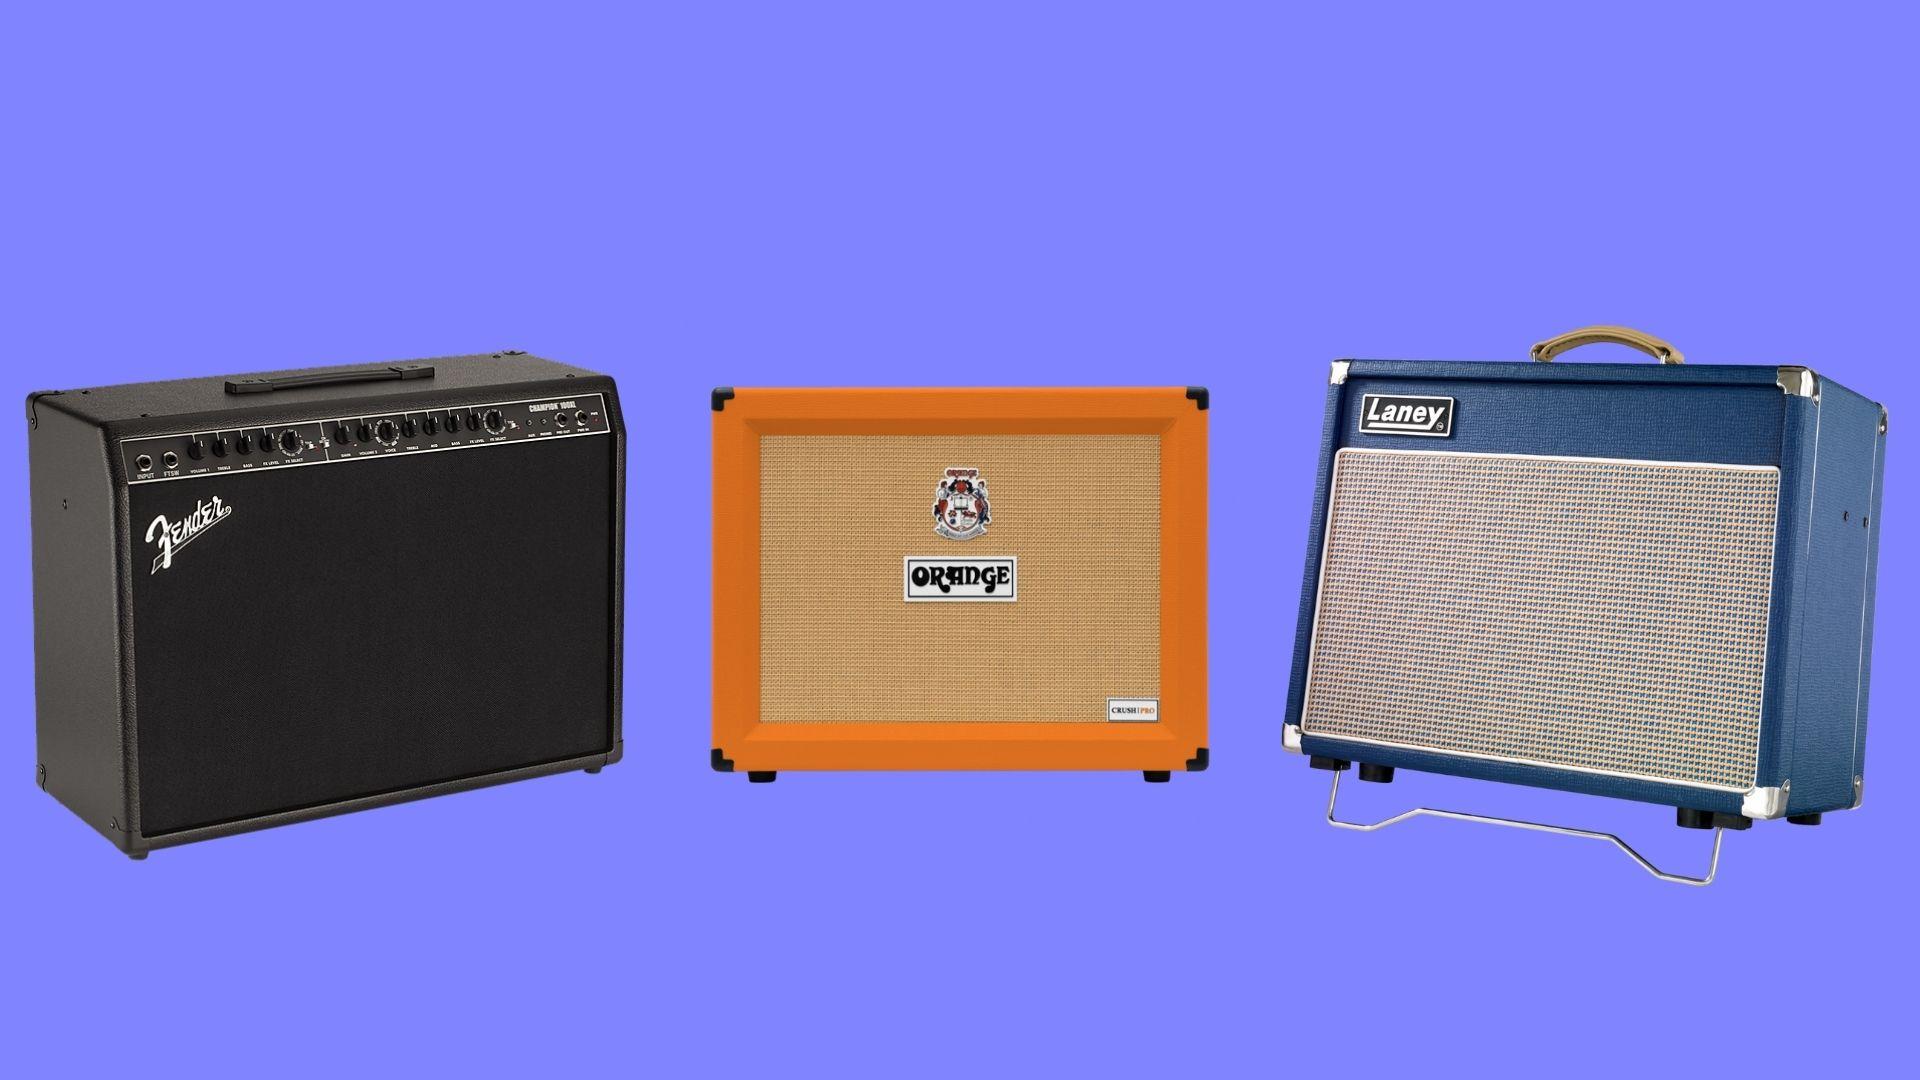 miglior-amplificatore-per-chitarr-elettrica